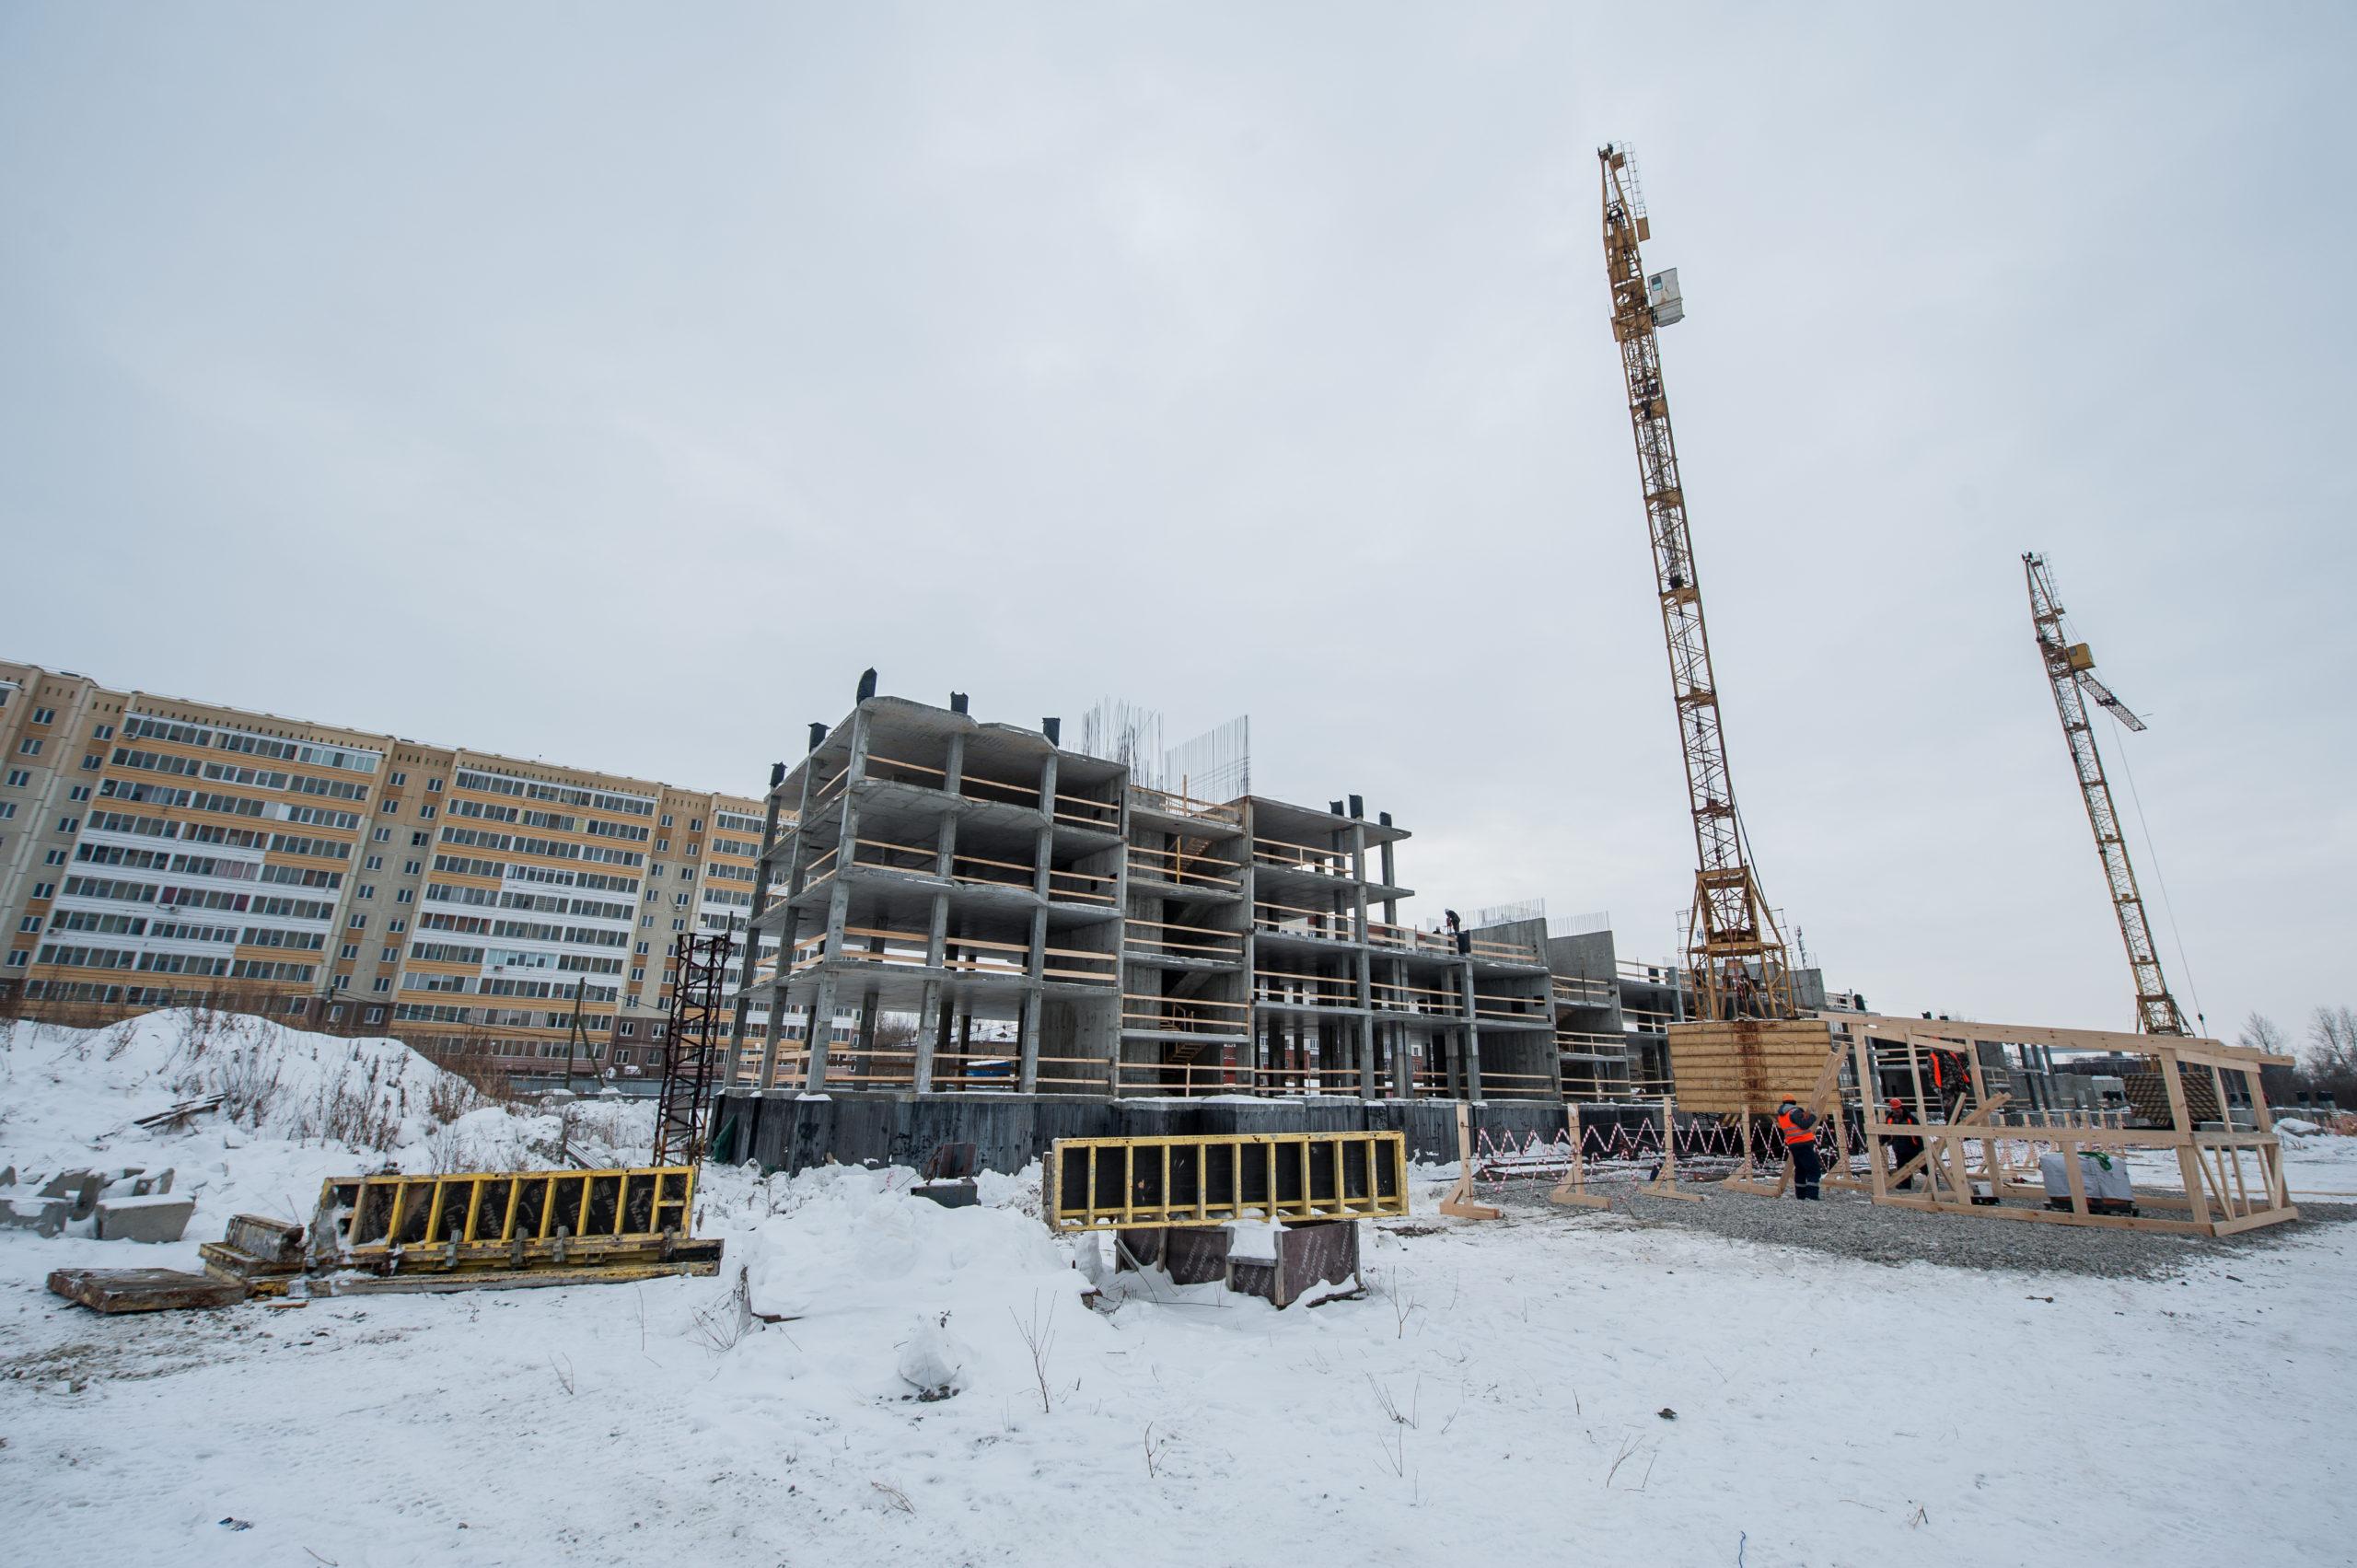 Ввод жилья в Свердловской области по итогам 2019г увеличился на 15%